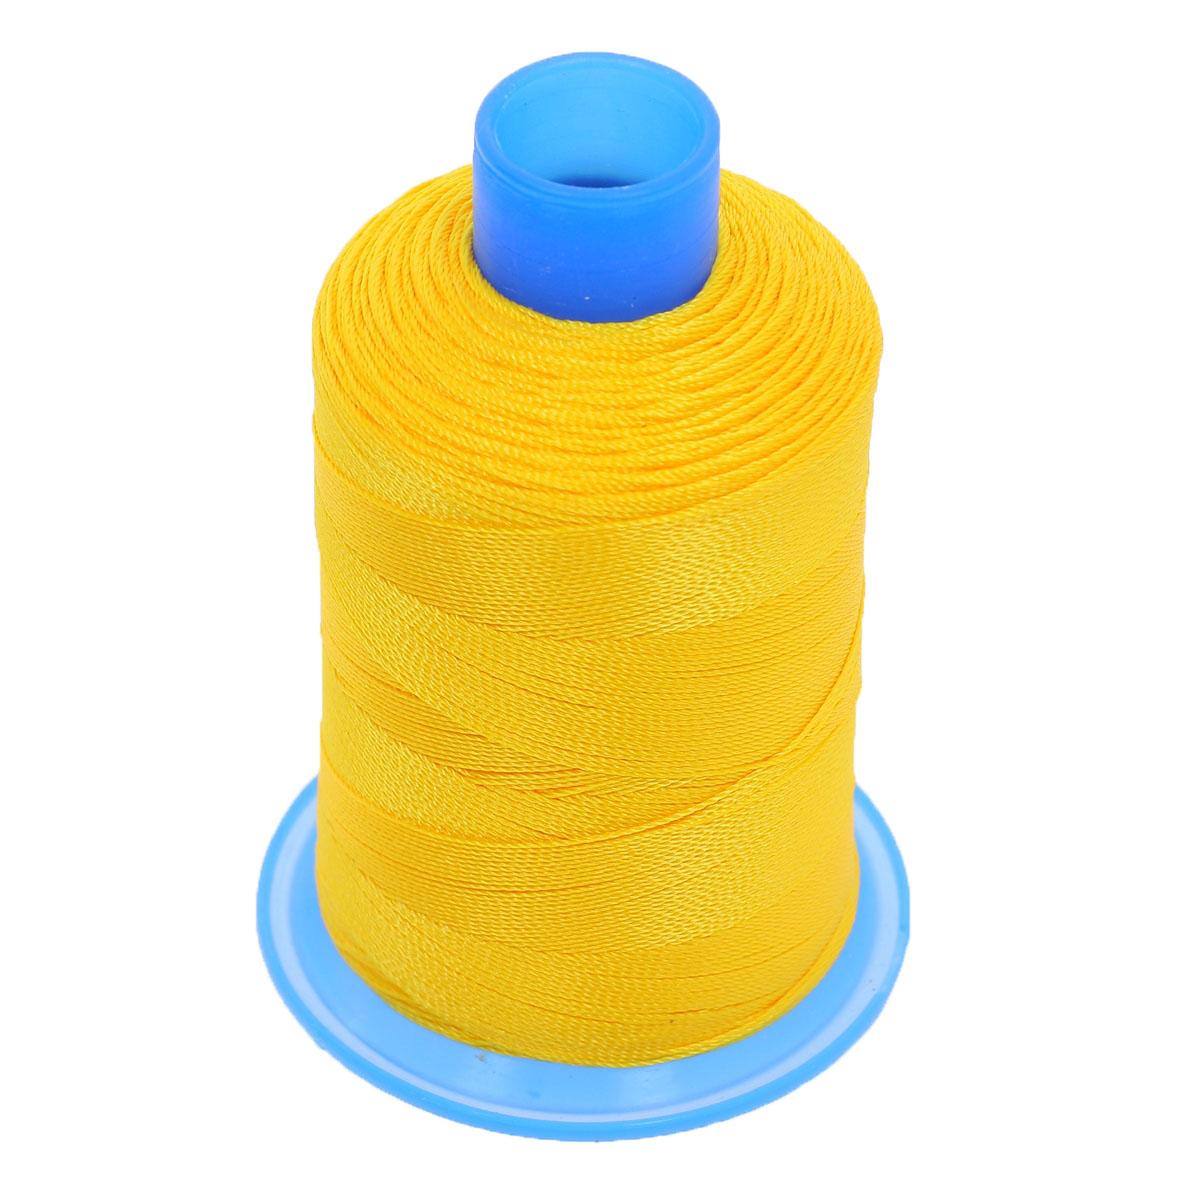 Bobine de fil polyester retors N° 30 - 400 mètres